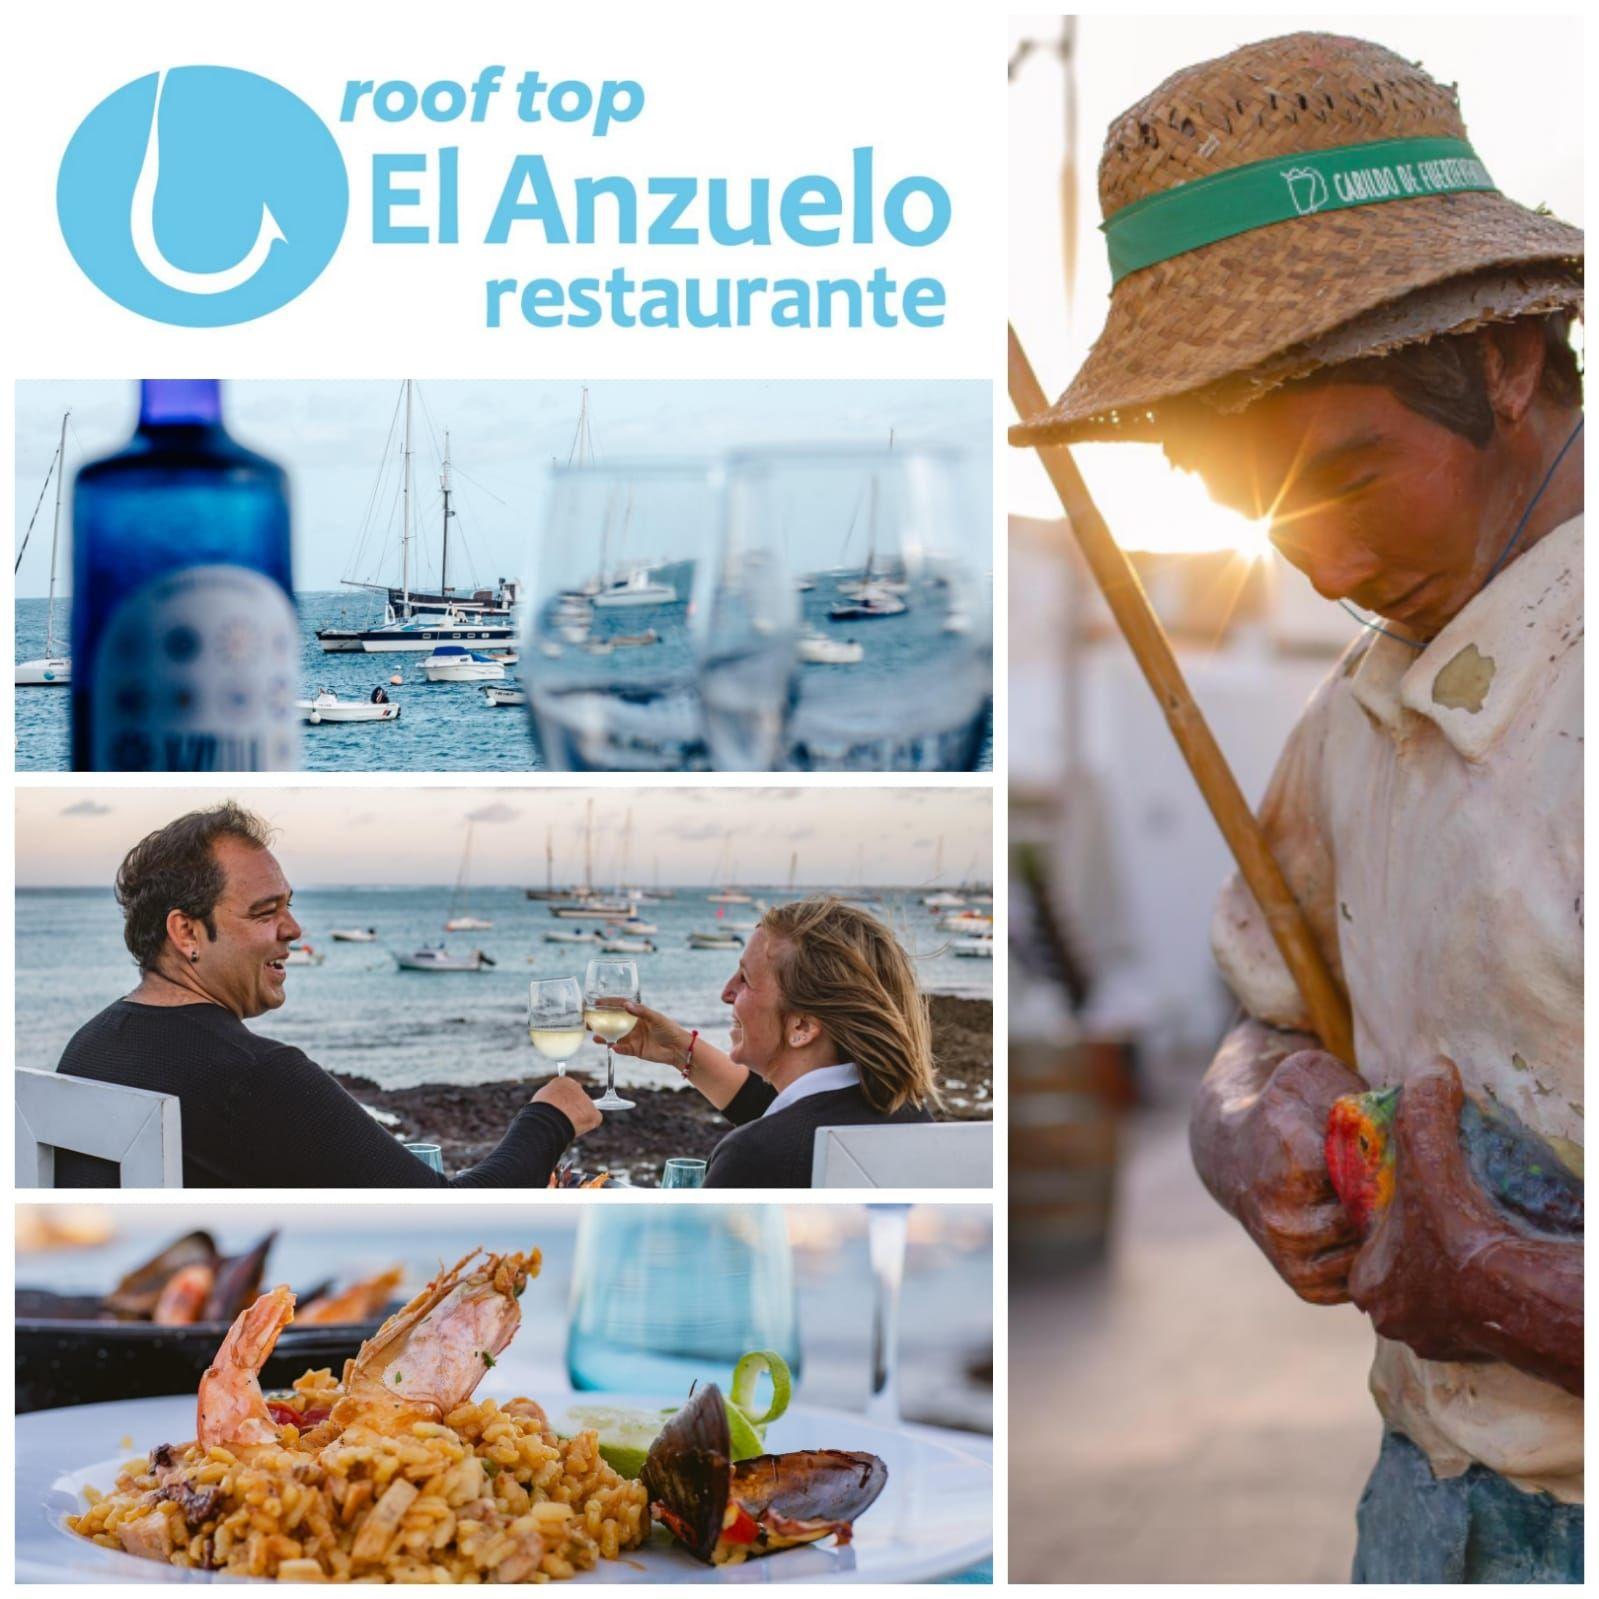 Foto 6 de Restaurante cocina canaria en    El Anzuelo